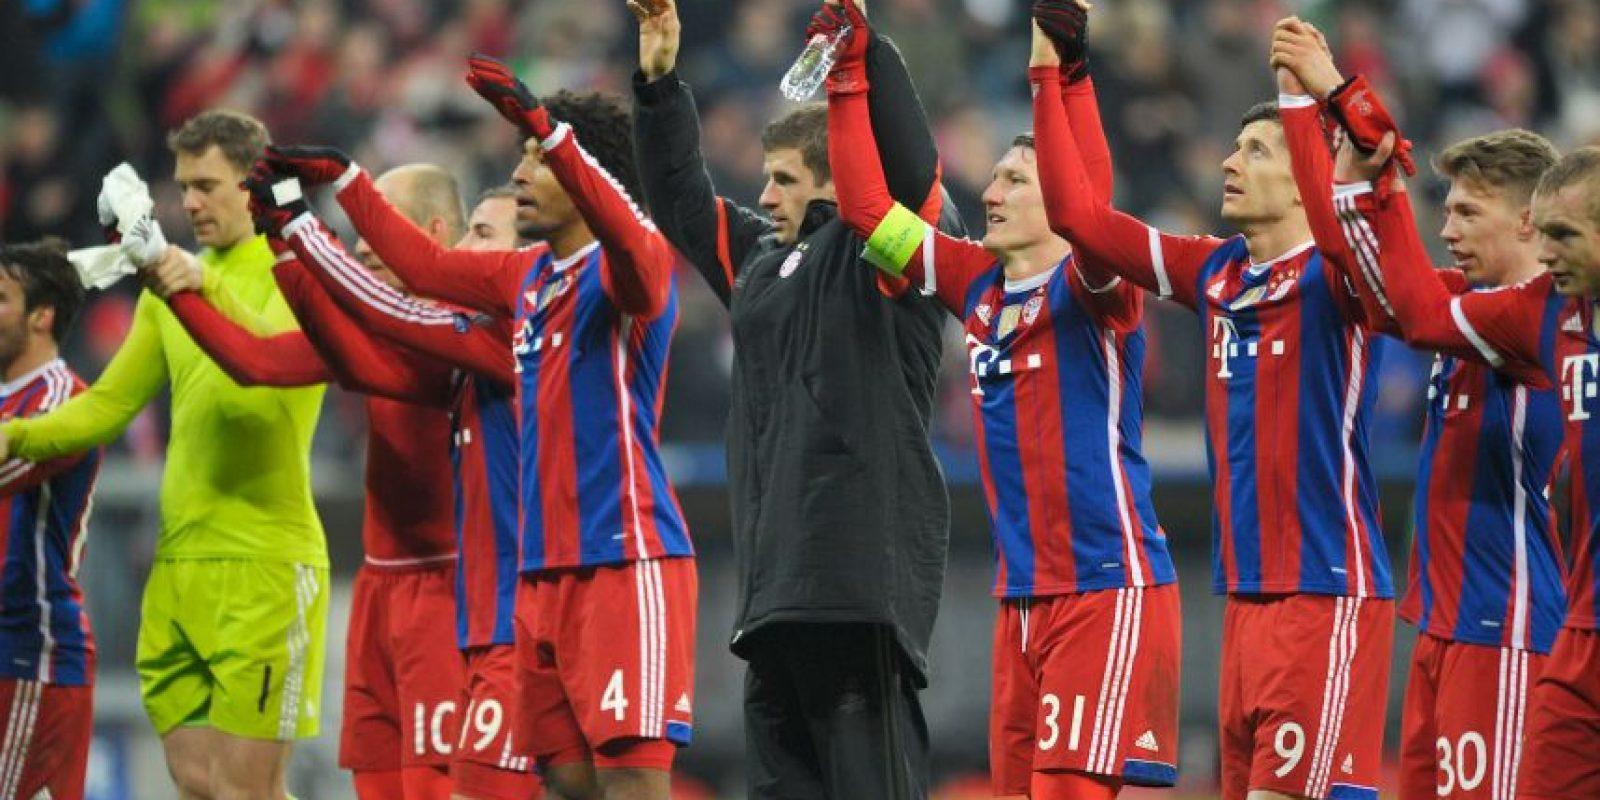 A nivel internacional también ha trascendido, al ser el tercer máximo ganador en la historia de la Champions League, con 5 títulos. Foto:Getty Images